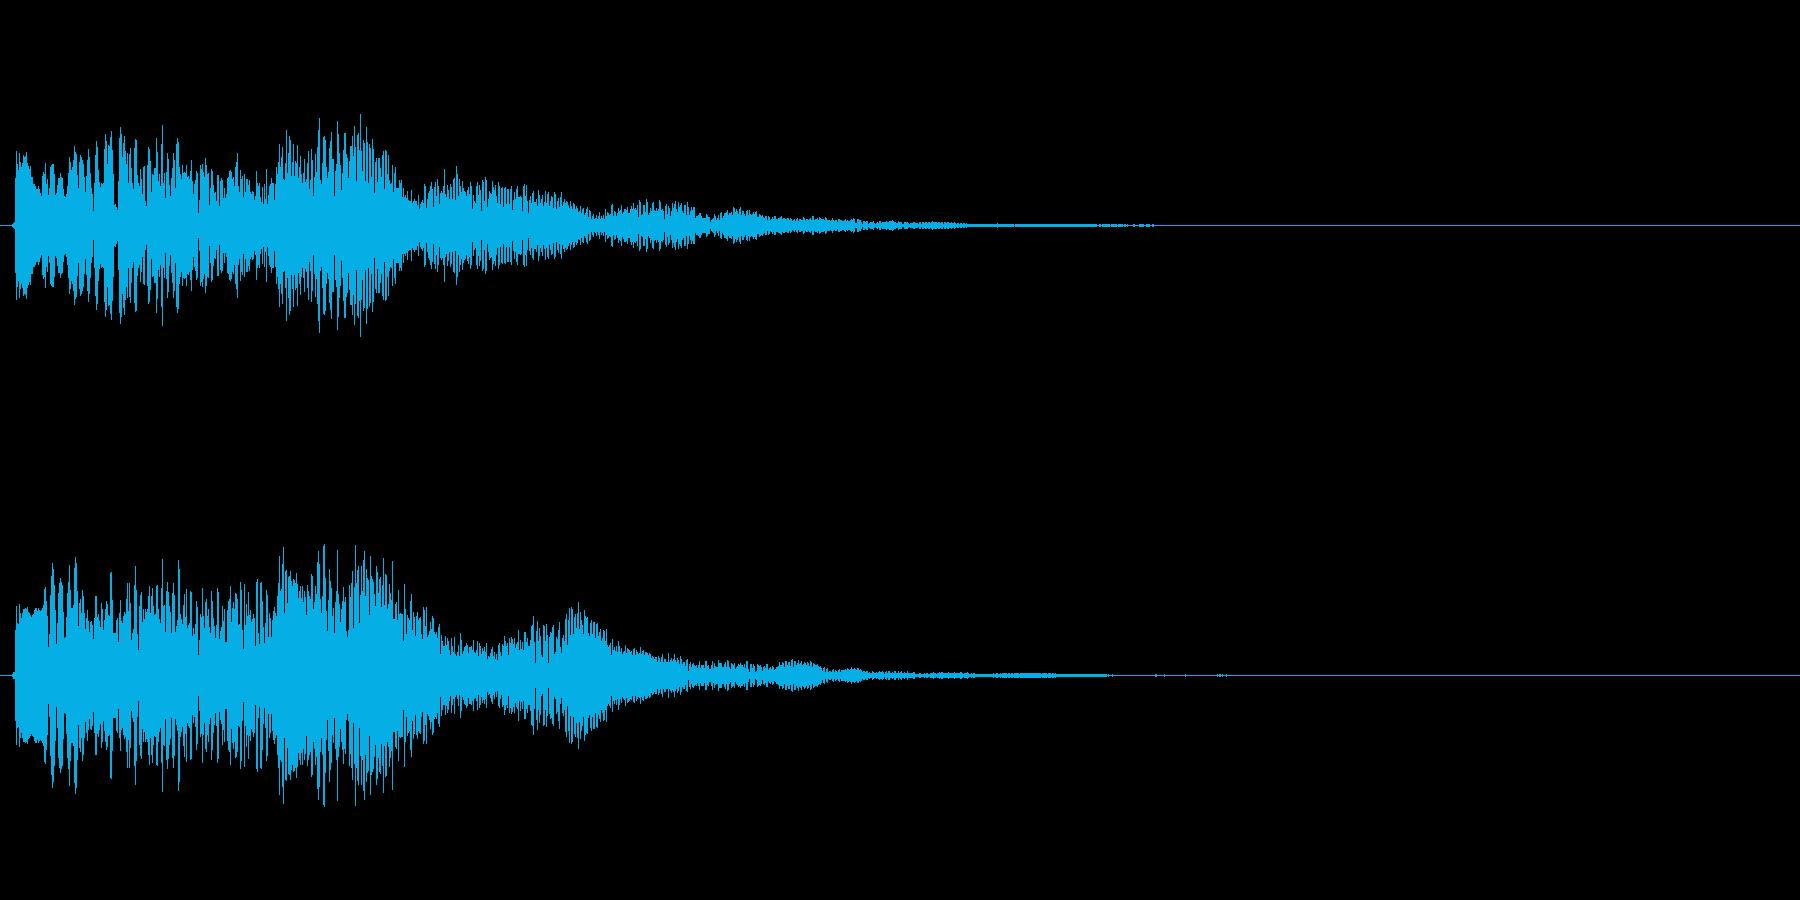 キラキラしたベルの上昇音6の再生済みの波形